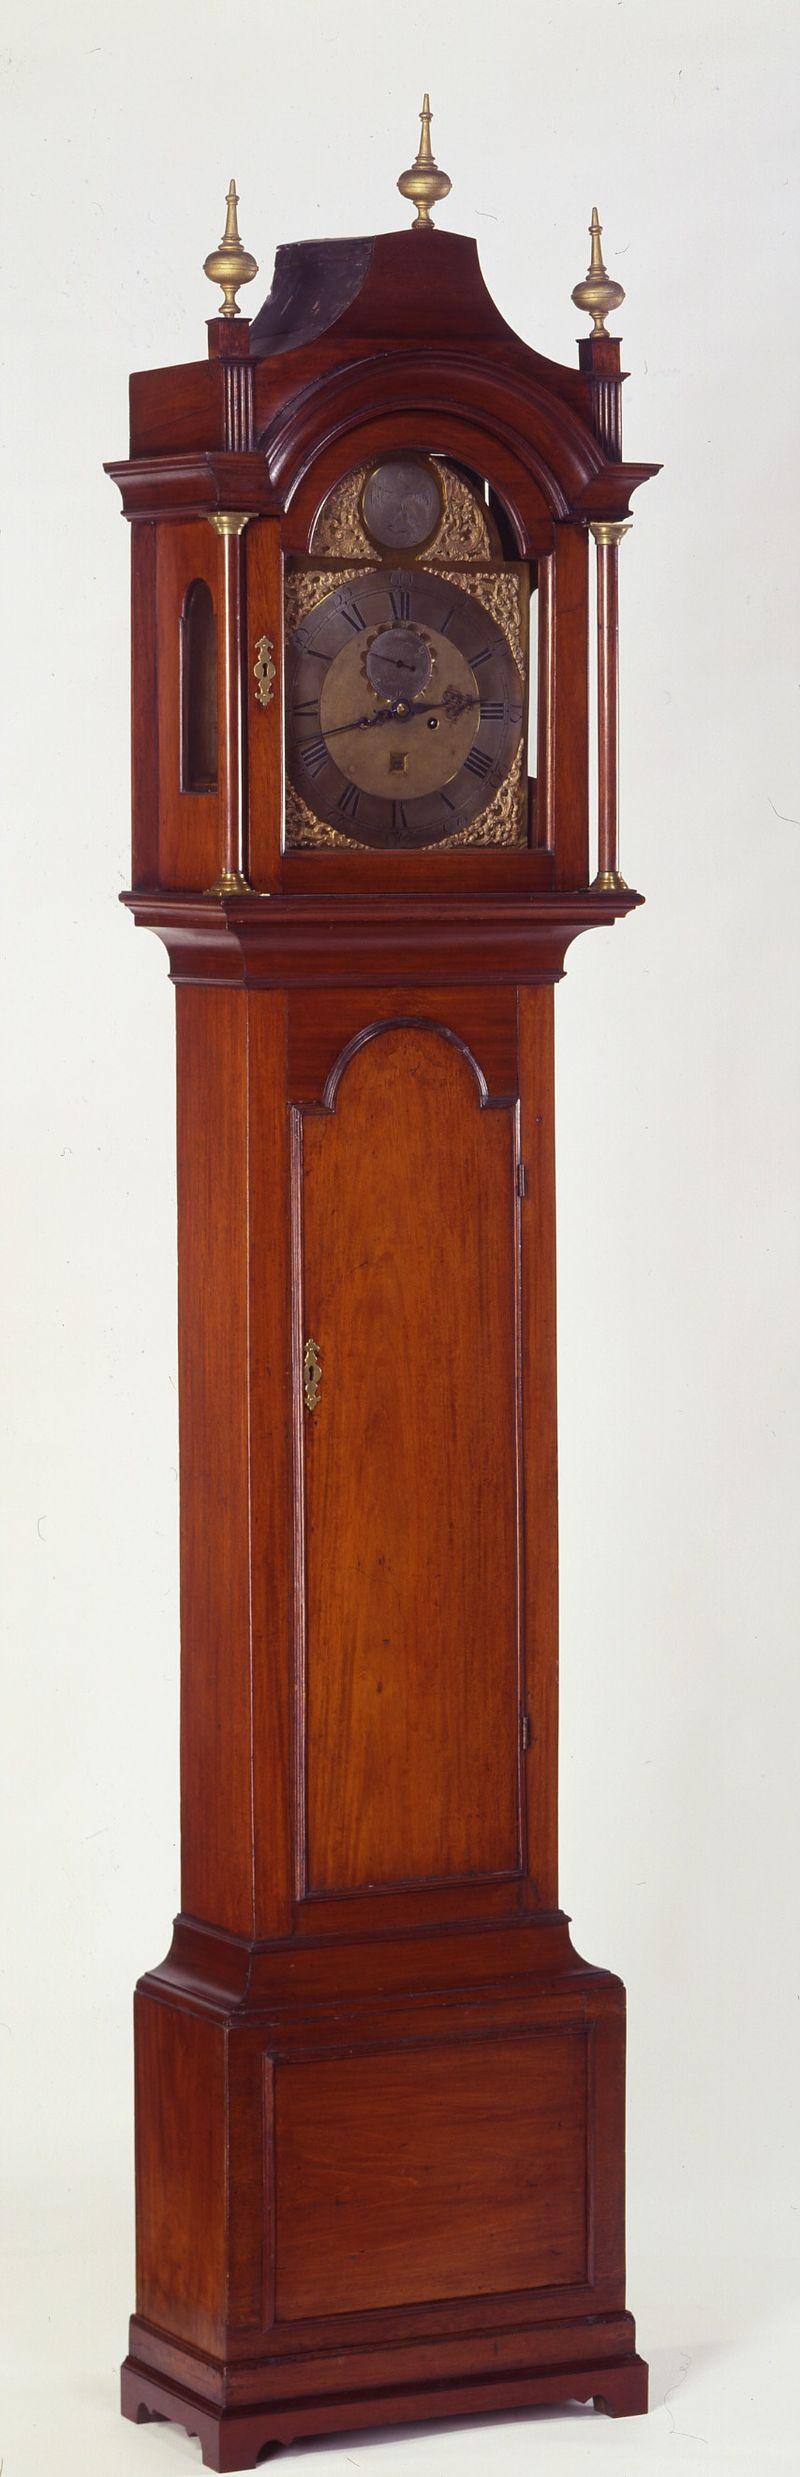 Clocks_Tall_Case_Willard_small